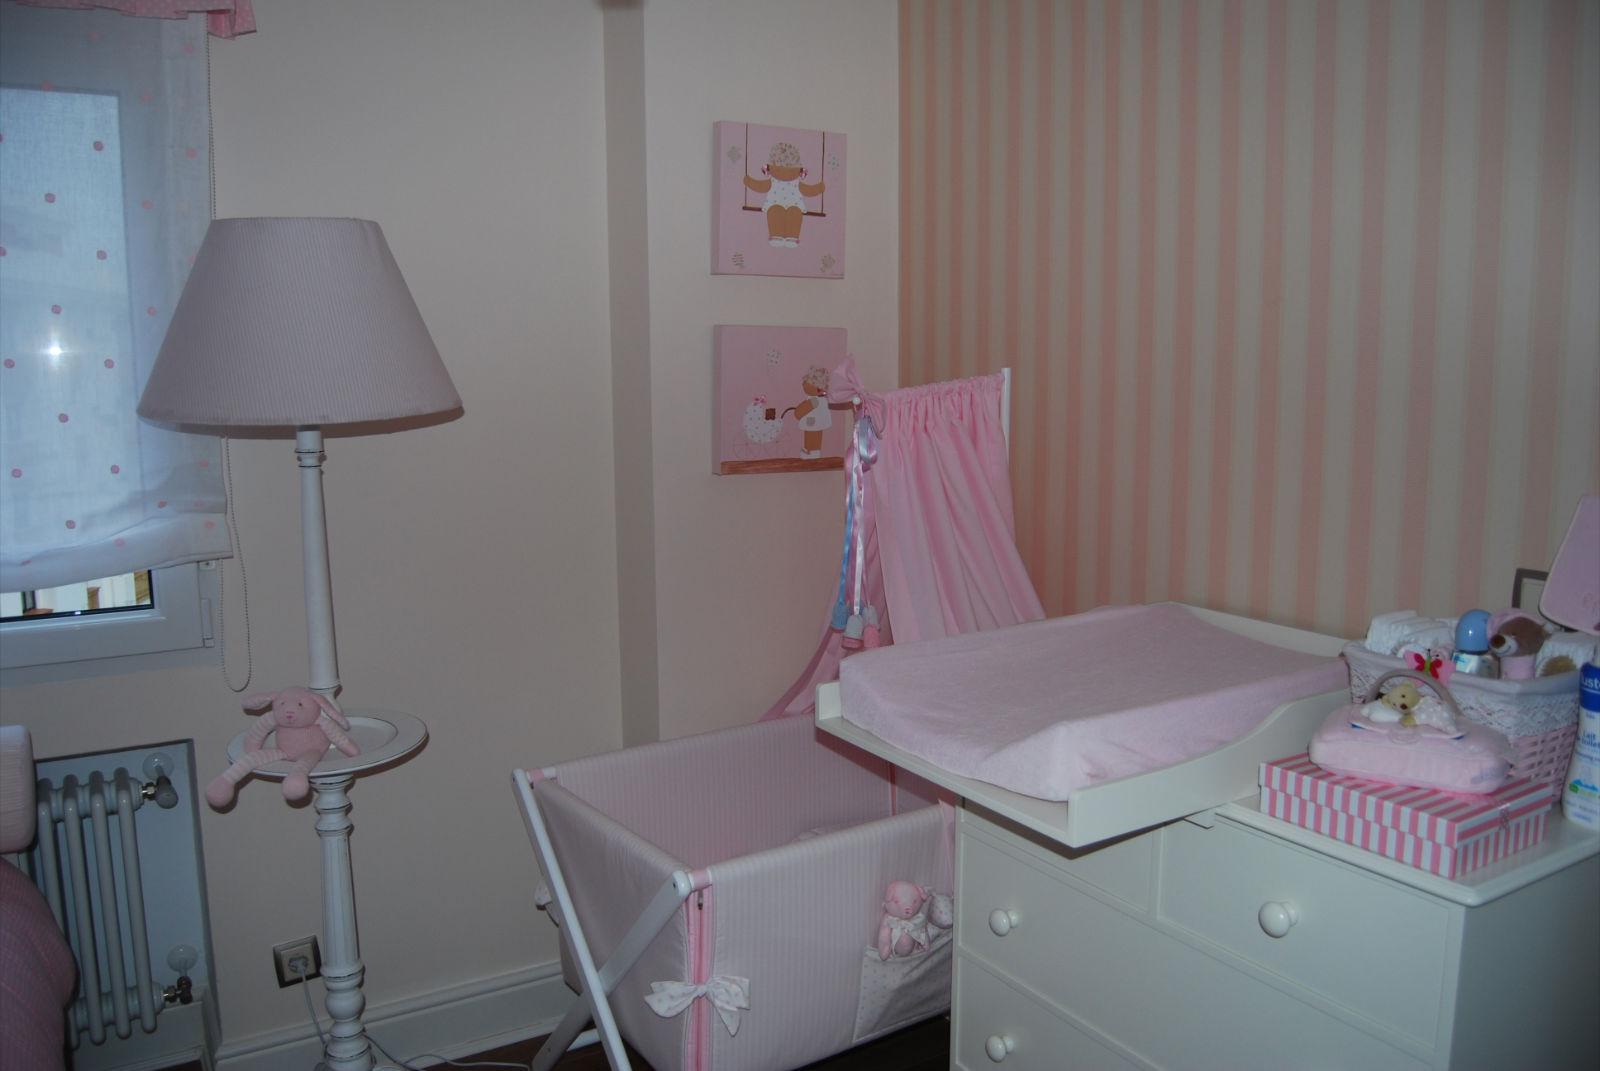 Ayuda decorar habitacion del bebe con gotele decorar - Lamparas habitacion bebe ...